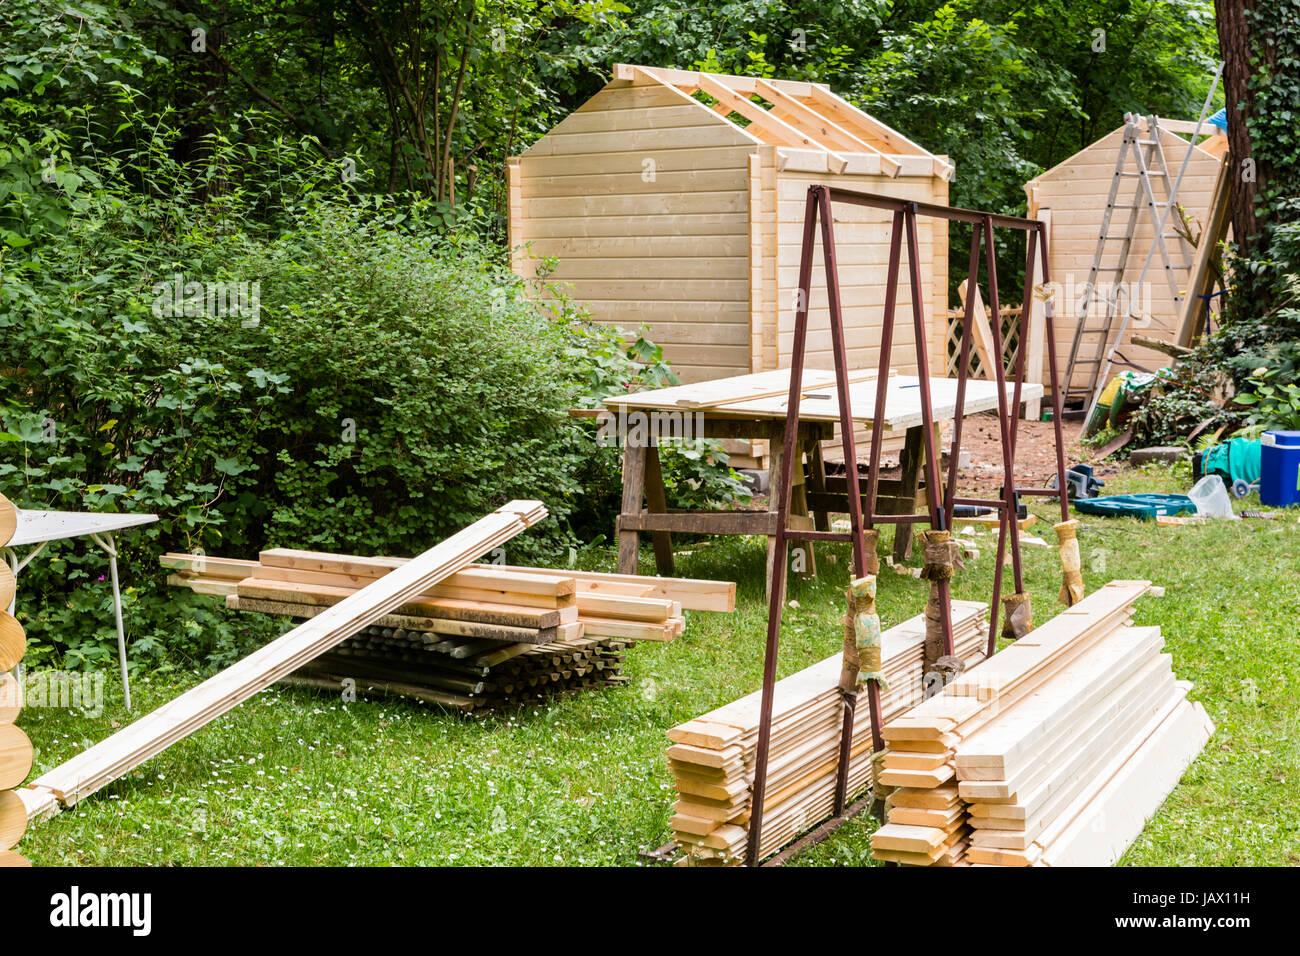 Schuppen Garten Werkzeug Stock Photos Schuppen Garten Werkzeug